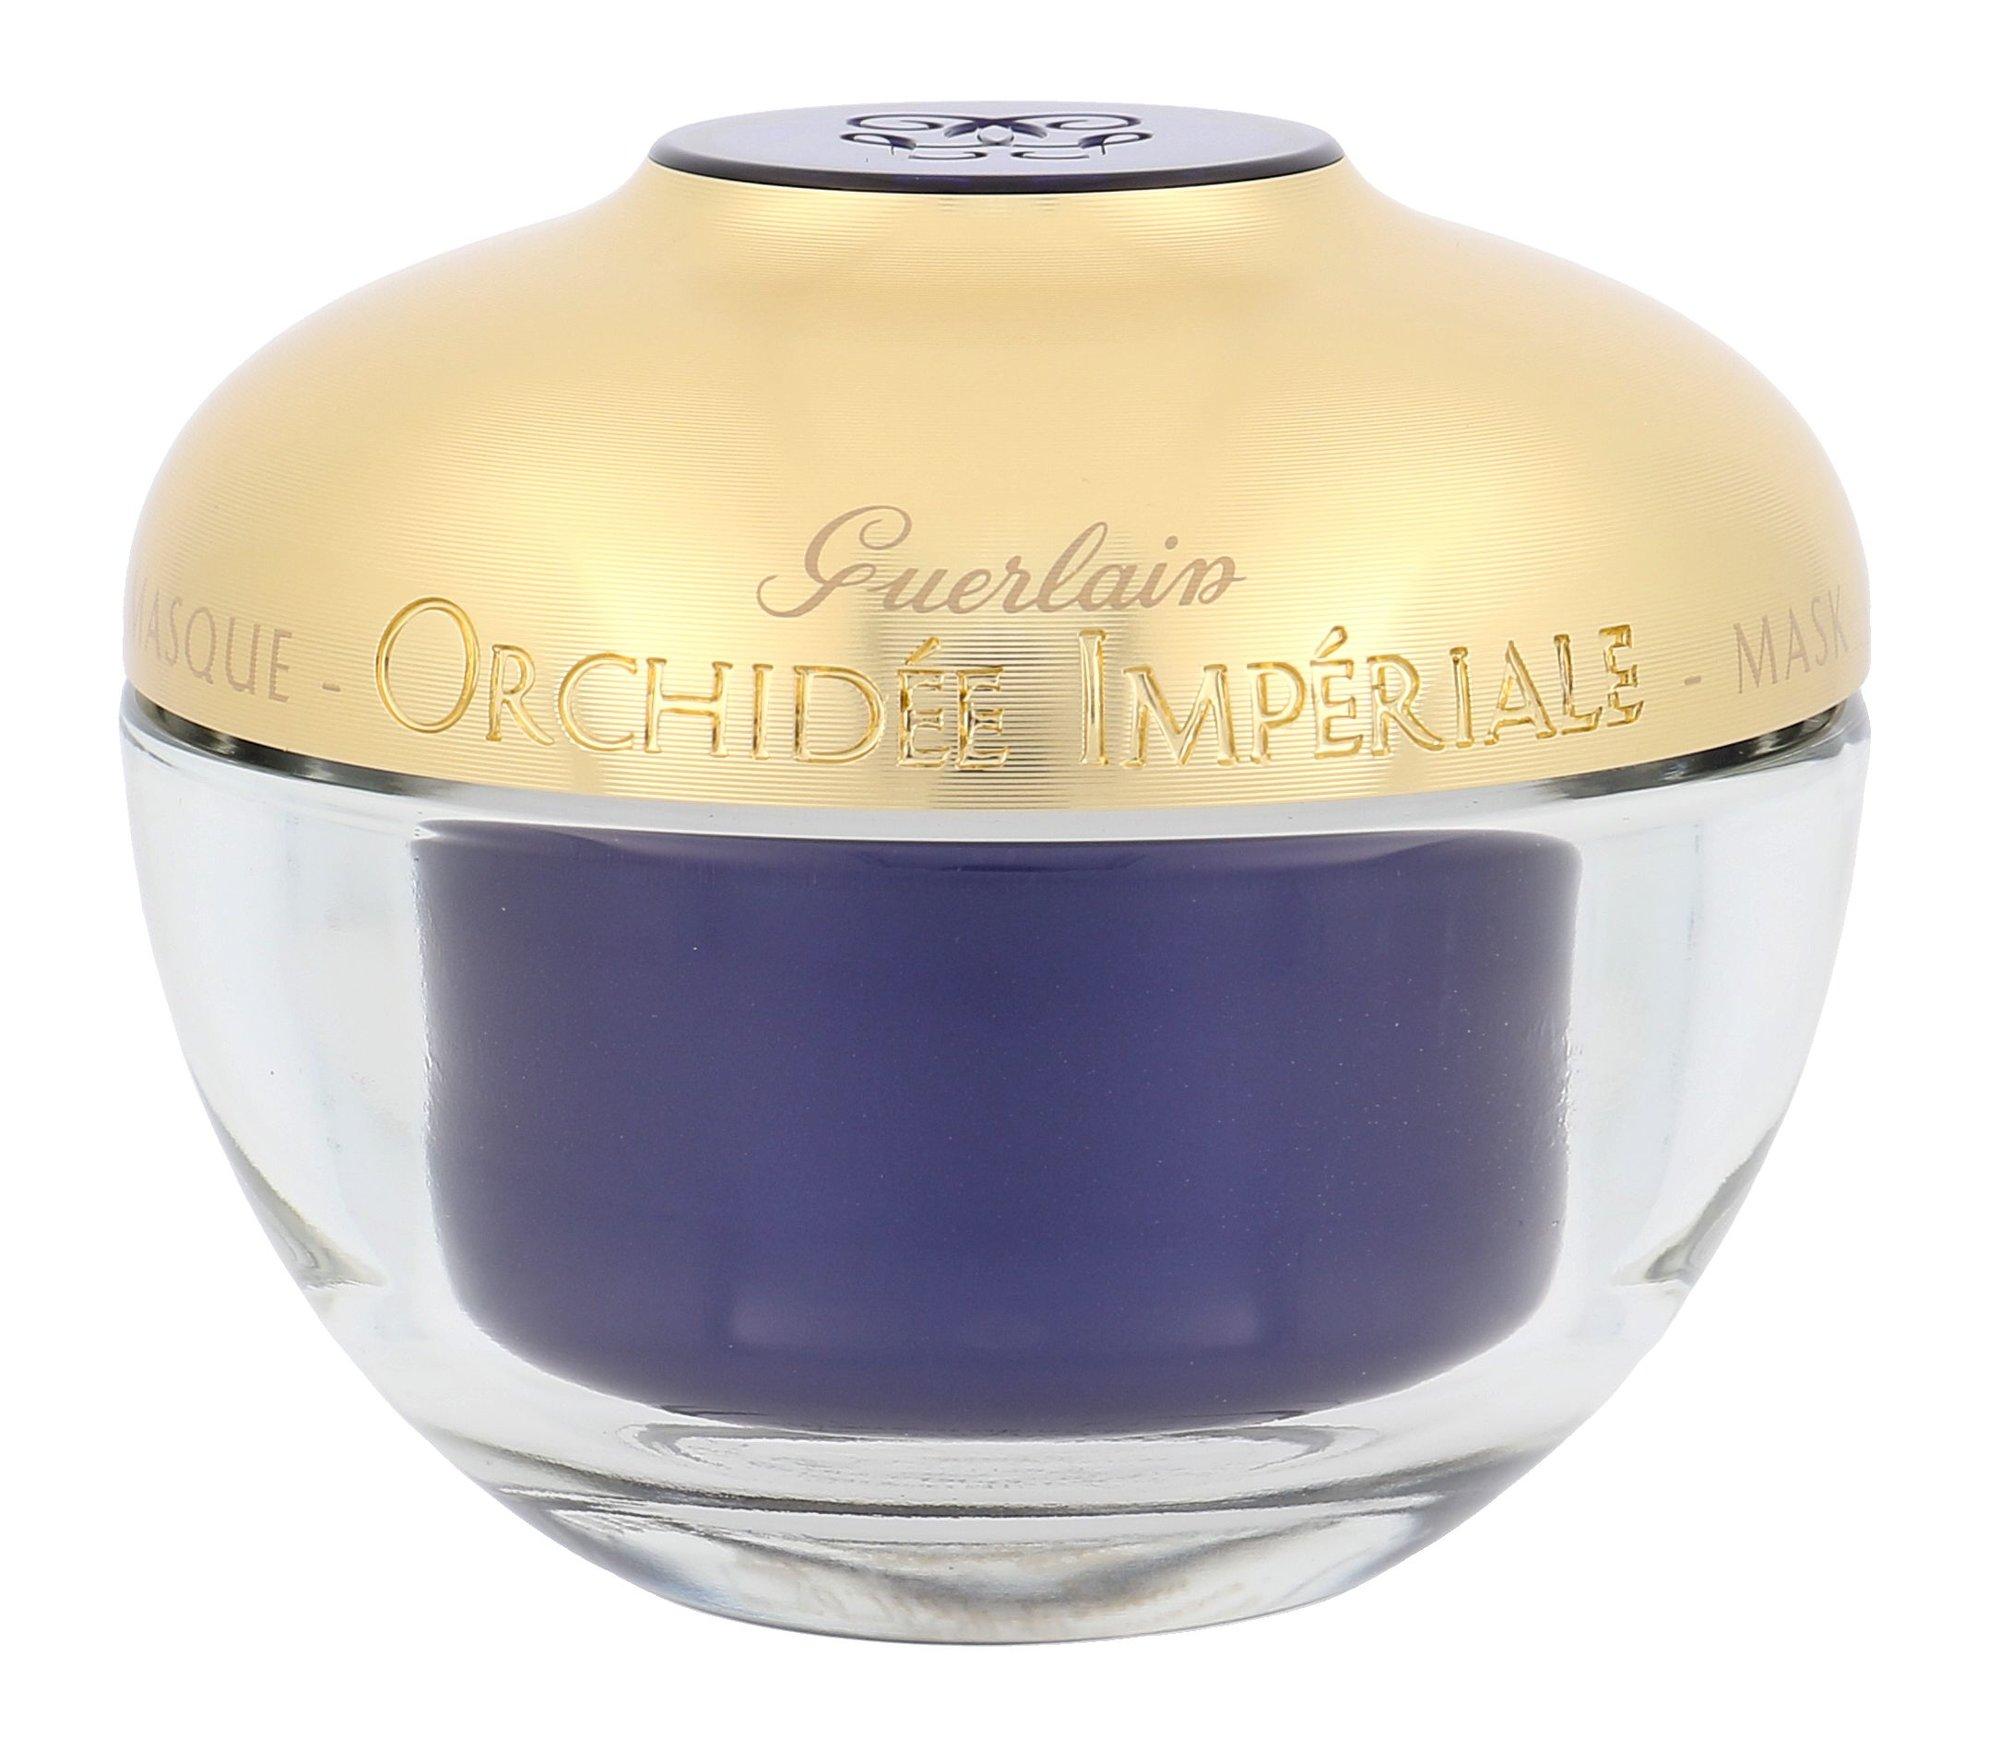 Guerlain Orchidée Impériale Cosmetic 75ml